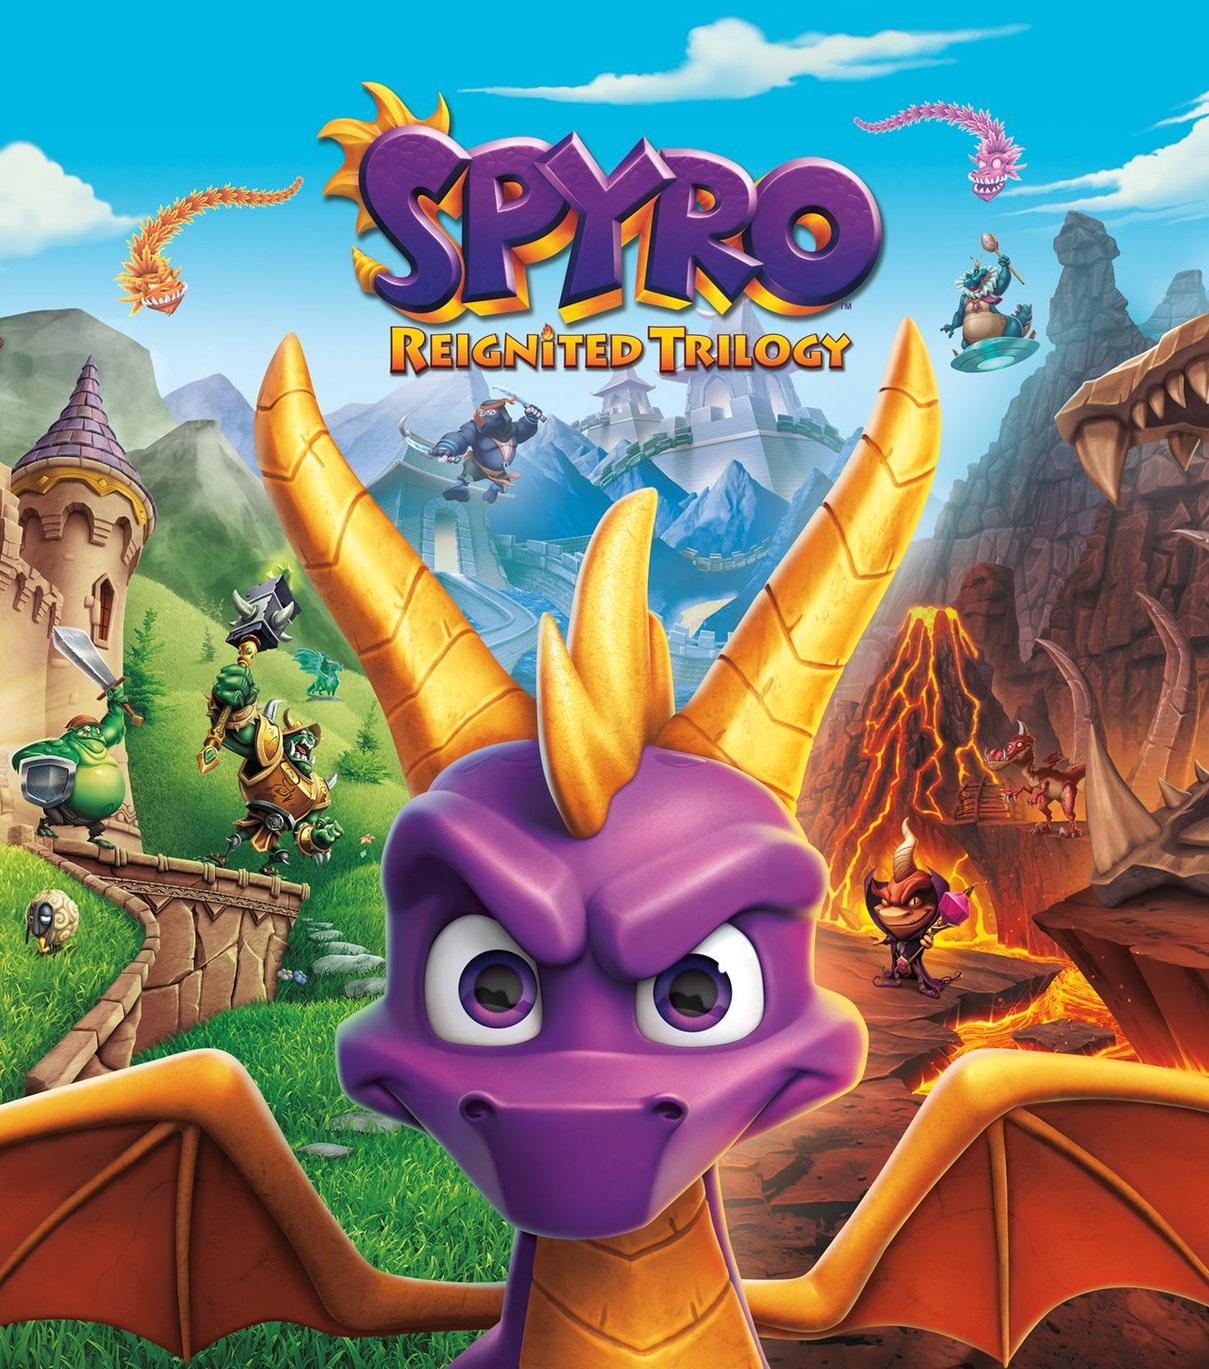 Spyro Reignited Trilogy | Spyro Wiki | FANDOM powered by Wikia